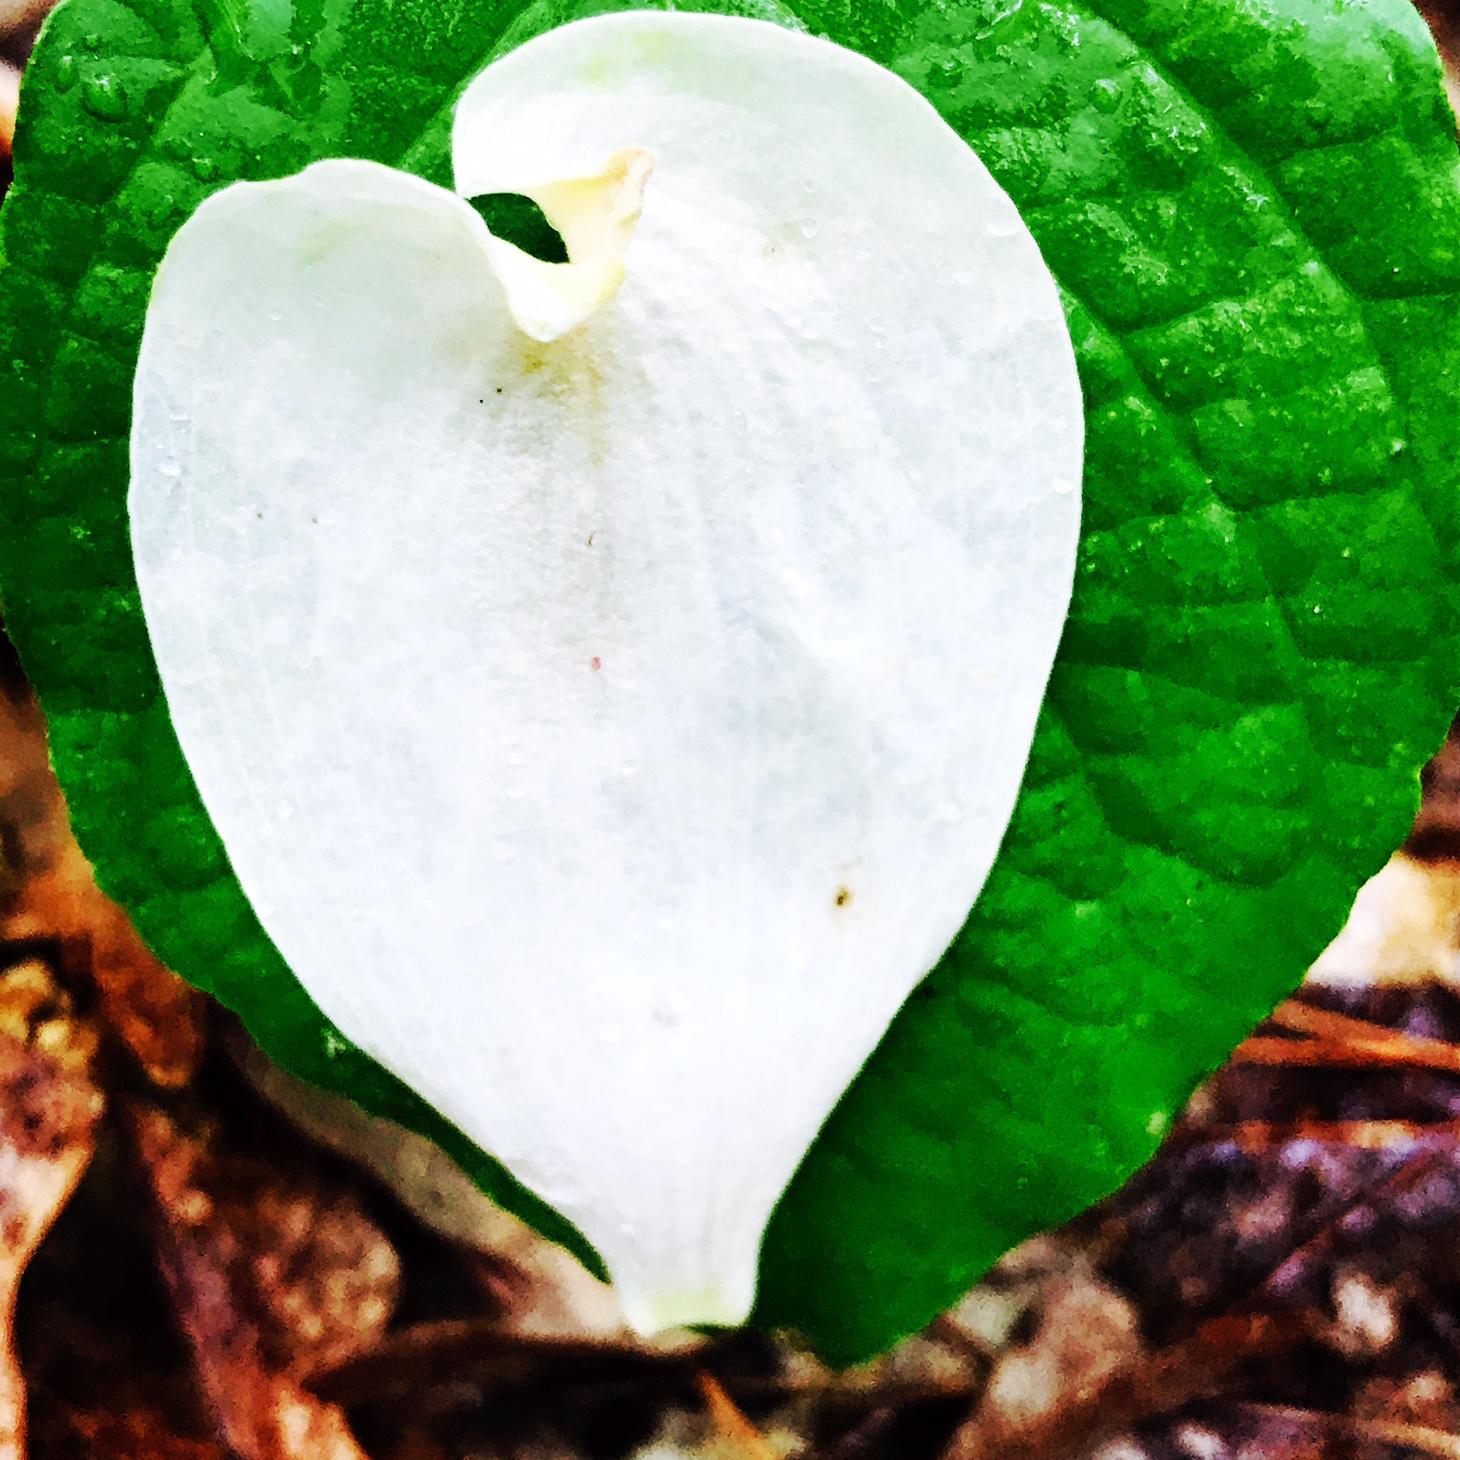 Dogwood petal on leaf